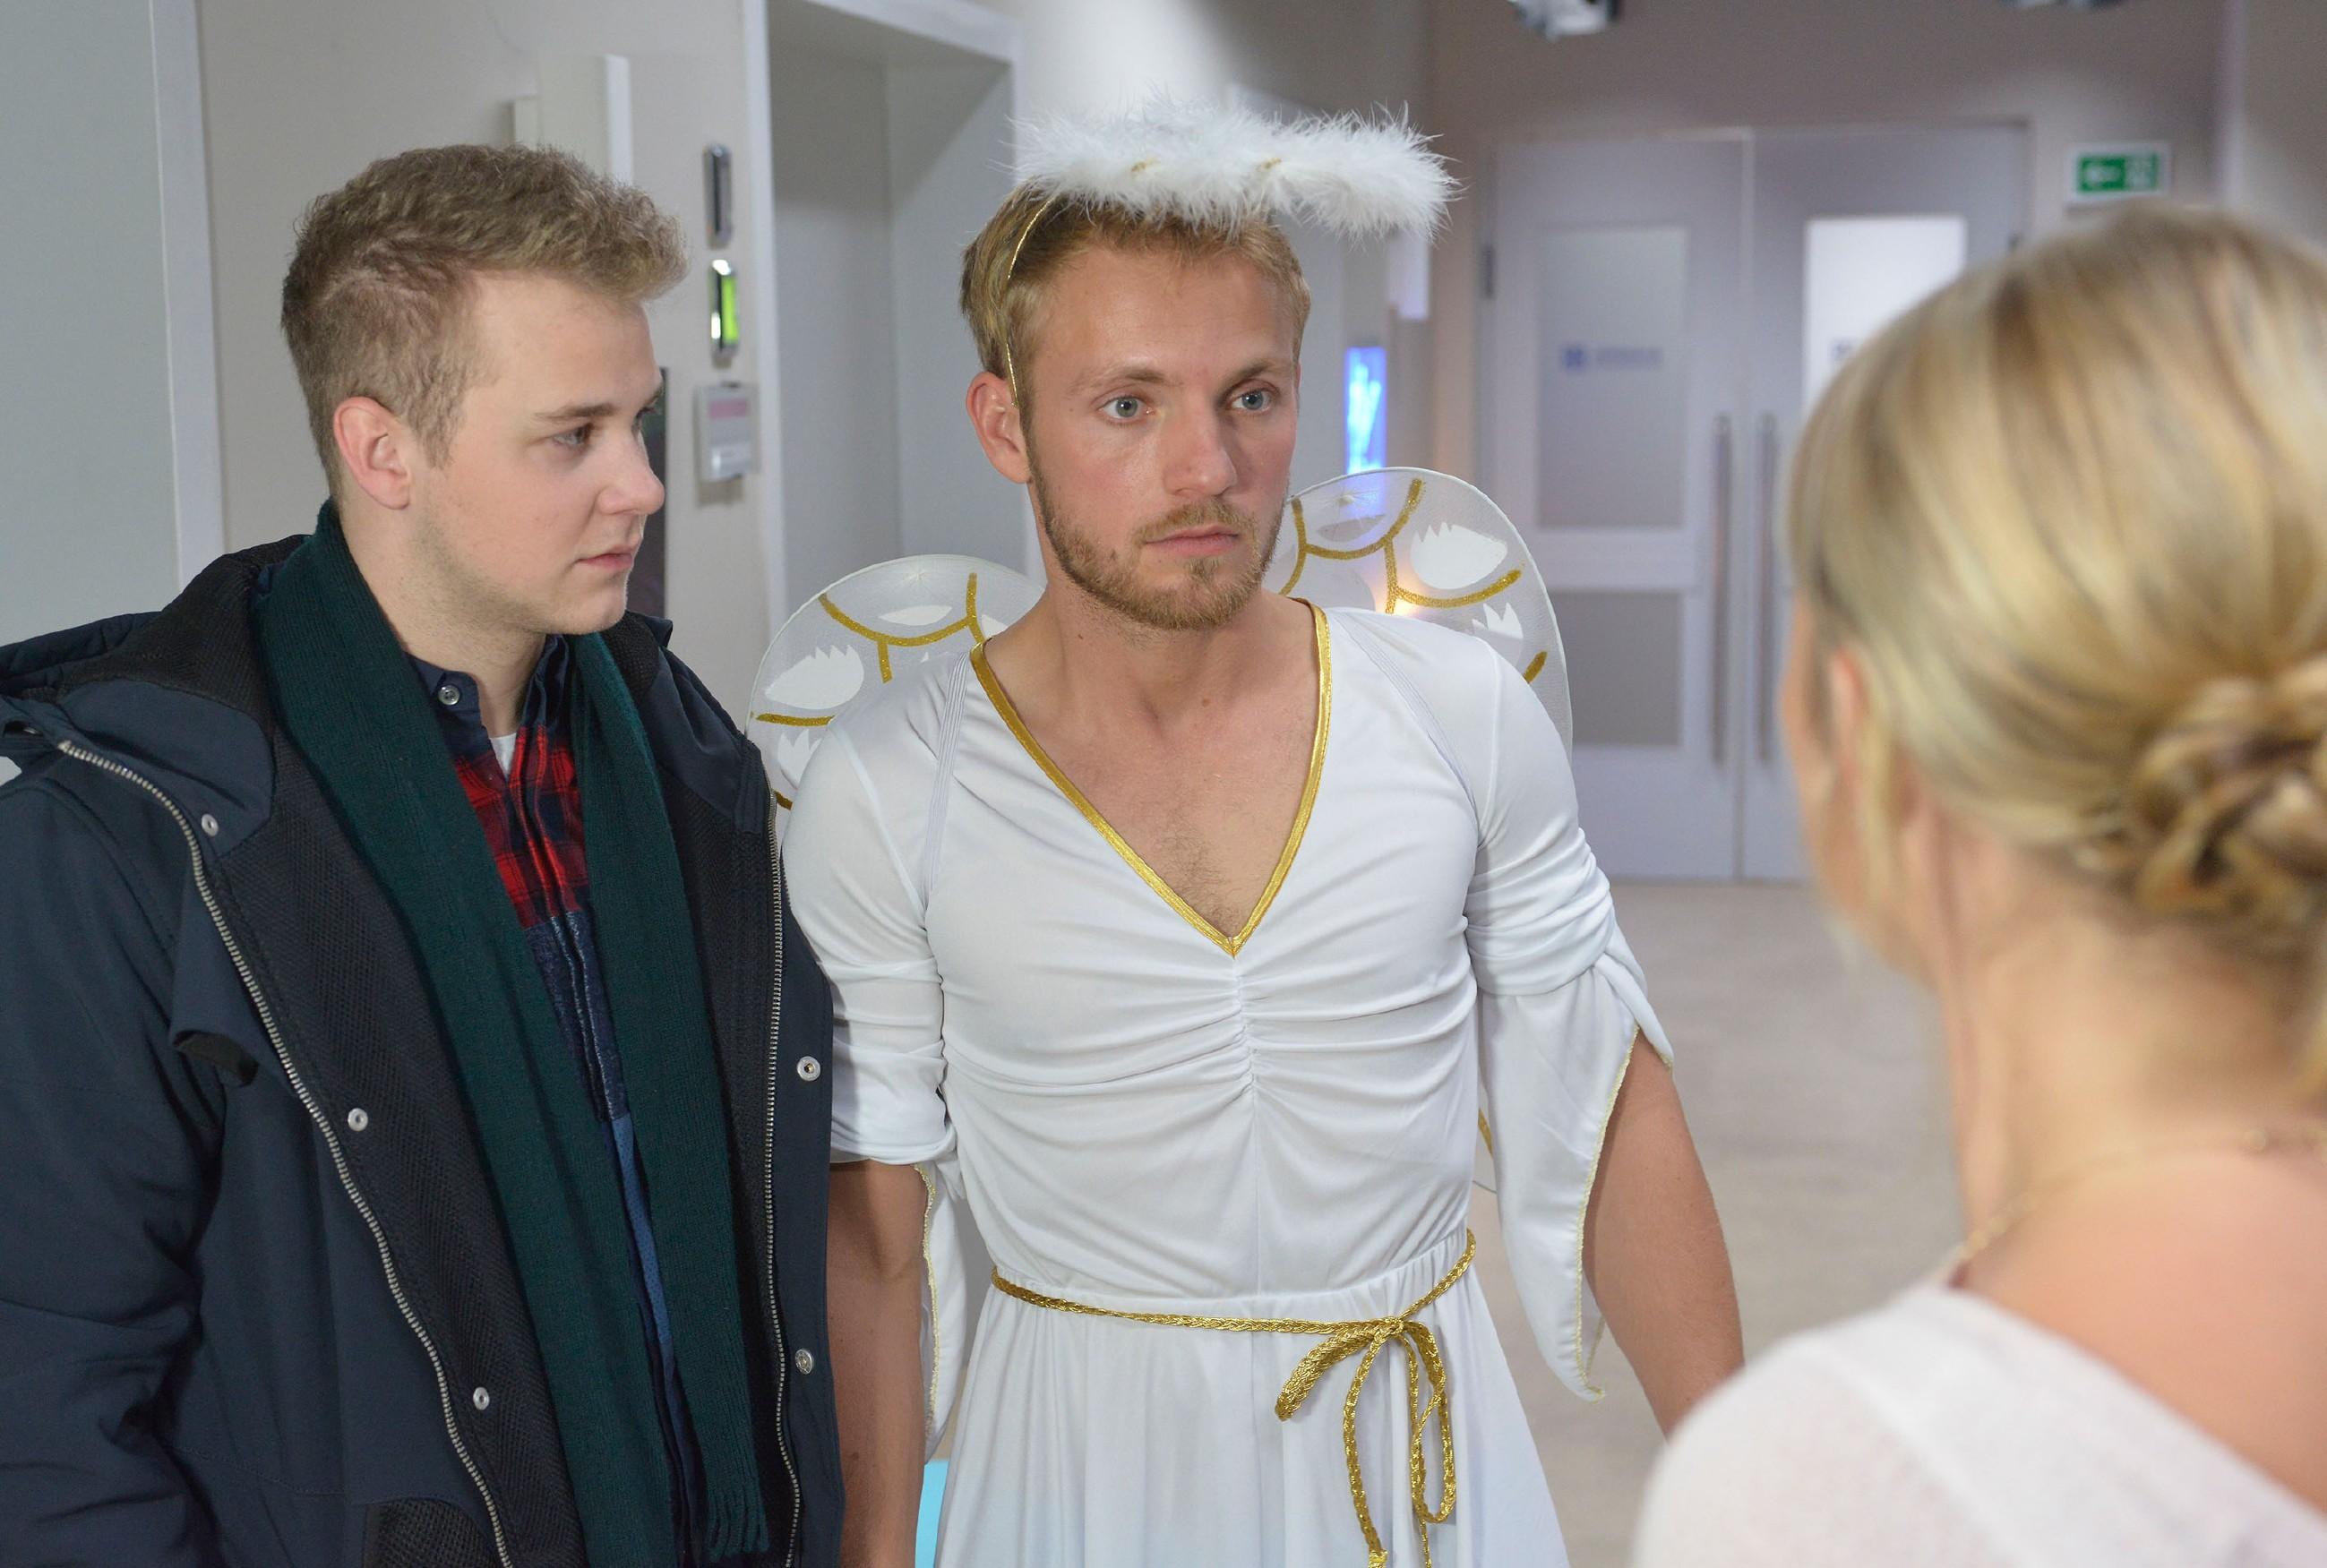 Jonas (Felix van Deventer, l.) sieht schuldbewusst mit an, wie Paul (Niklas Osterloh) im peinlichen Engelskostüm vor seiner Ex steht. (Quelle: RTL / Rolf Baumgartner)